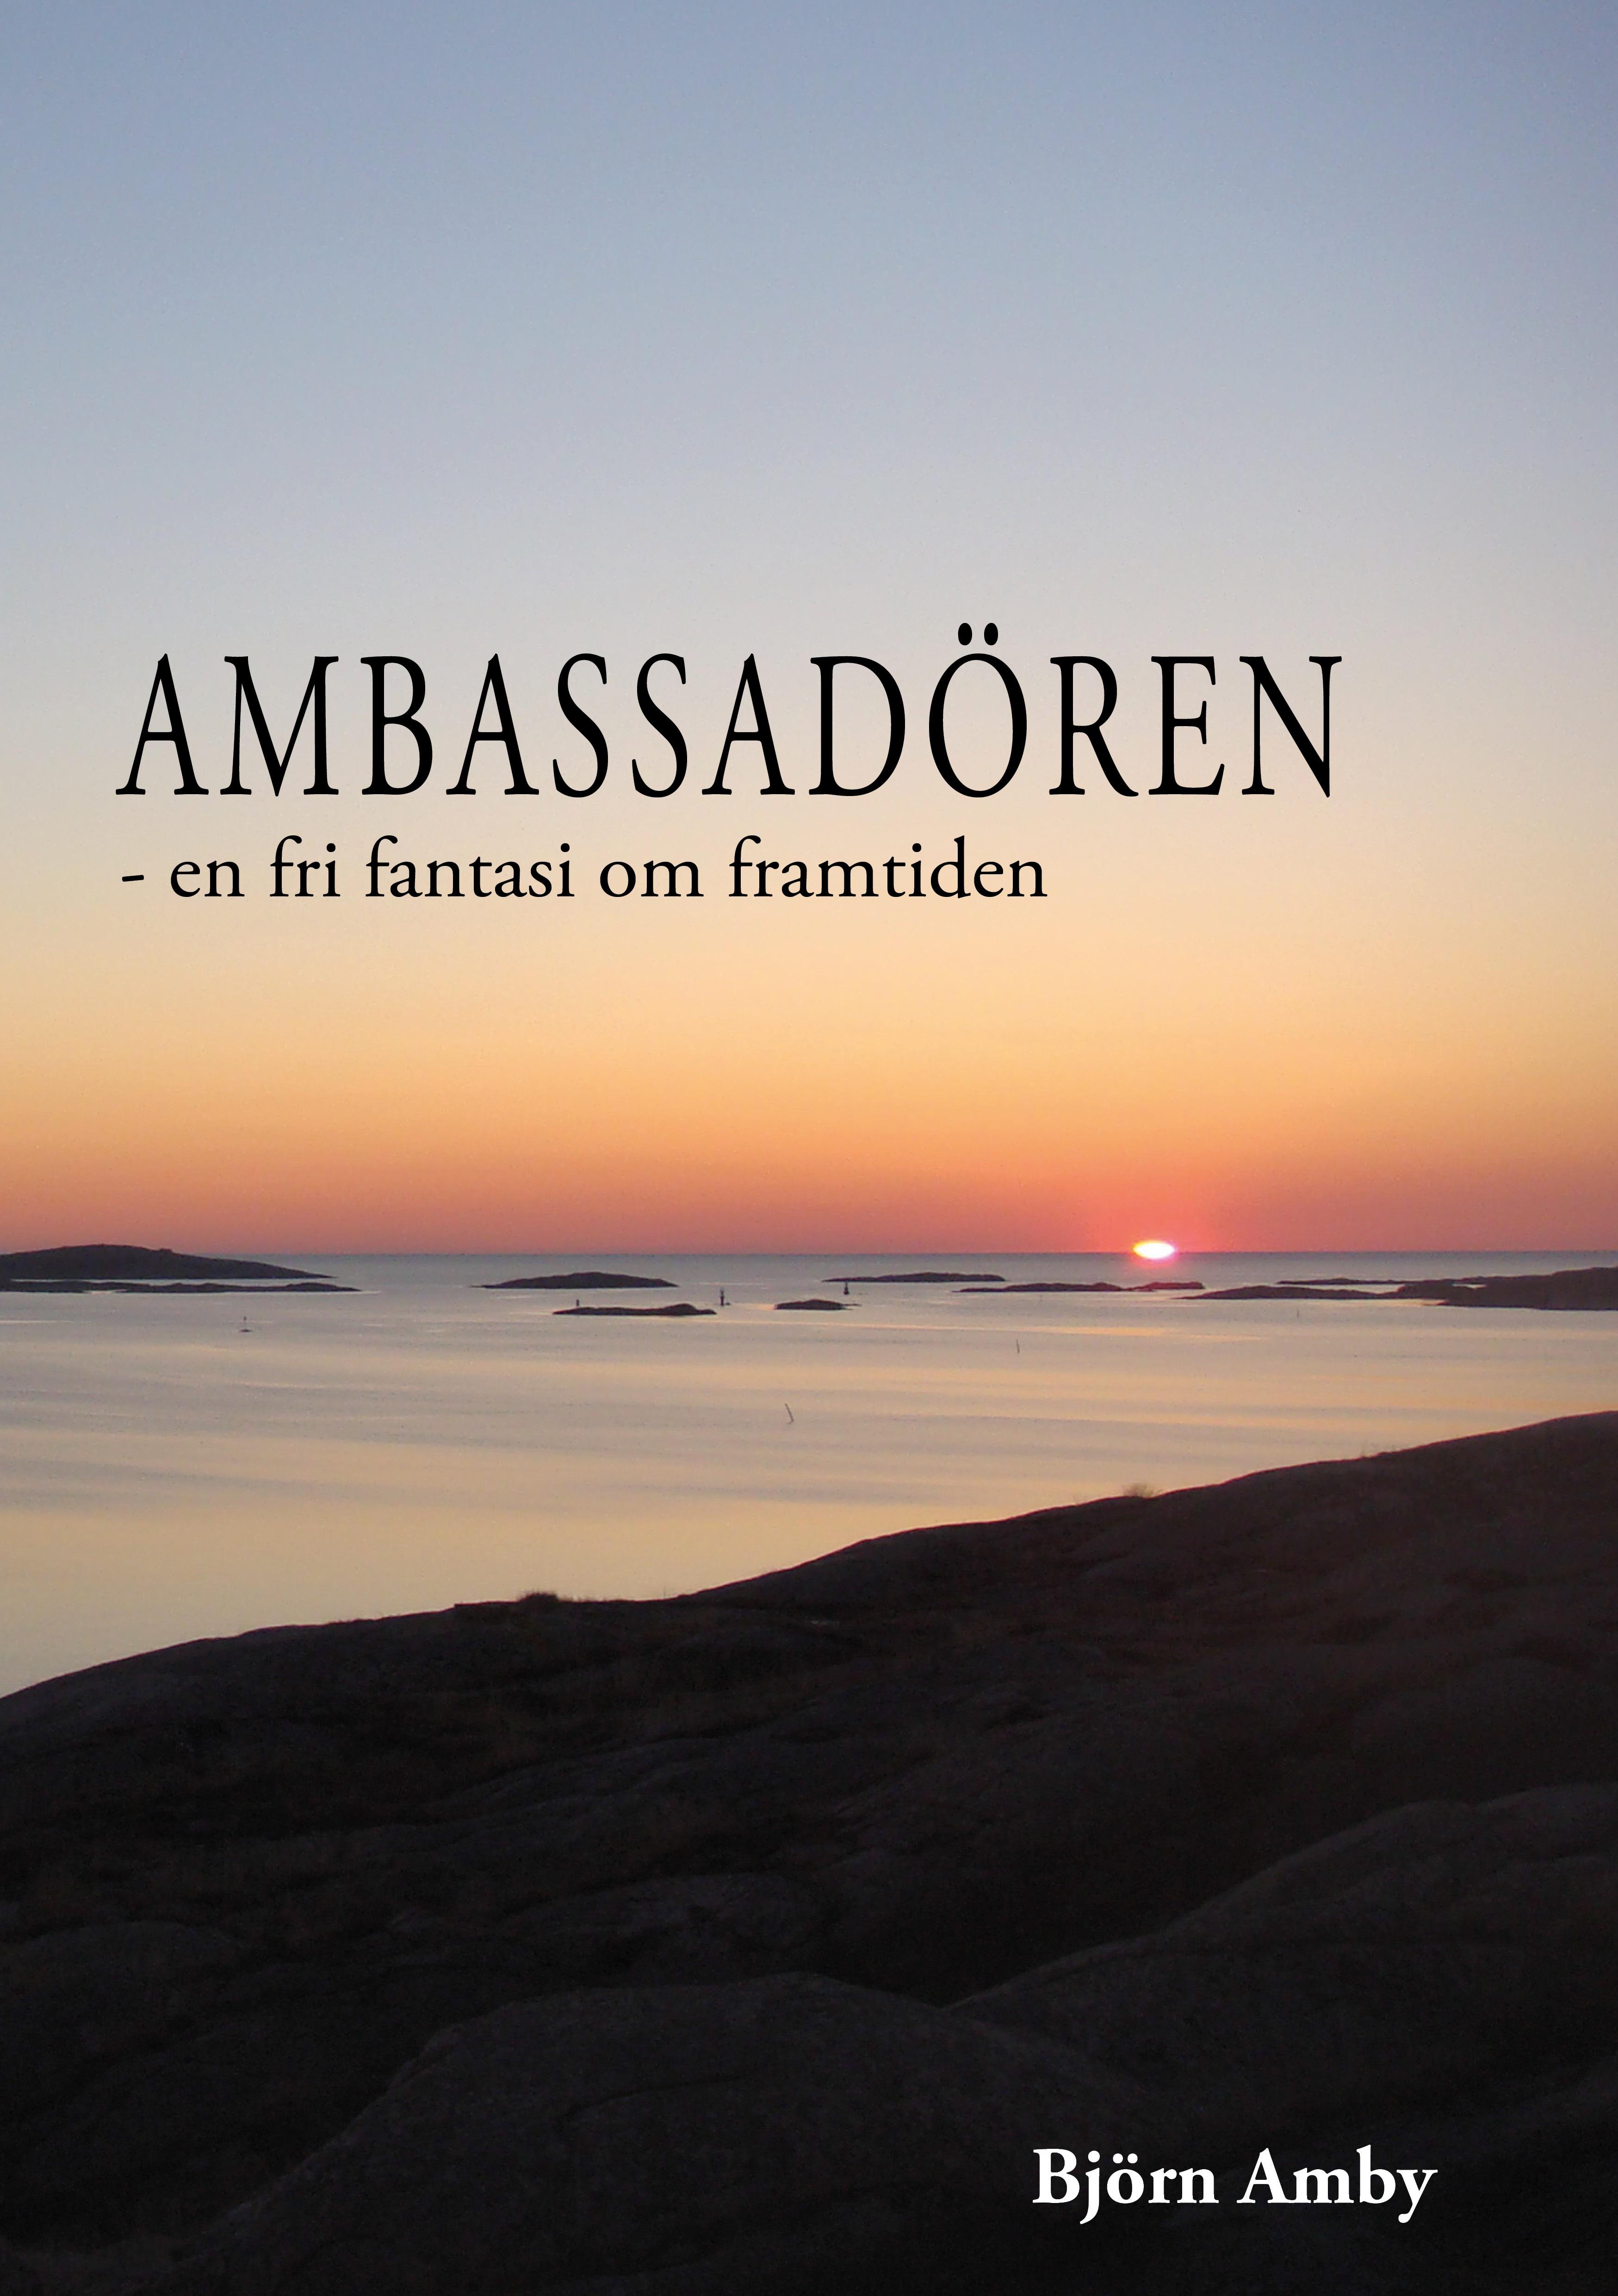 Ambassadören – en fri fantasi om framtiden av Björn Amby